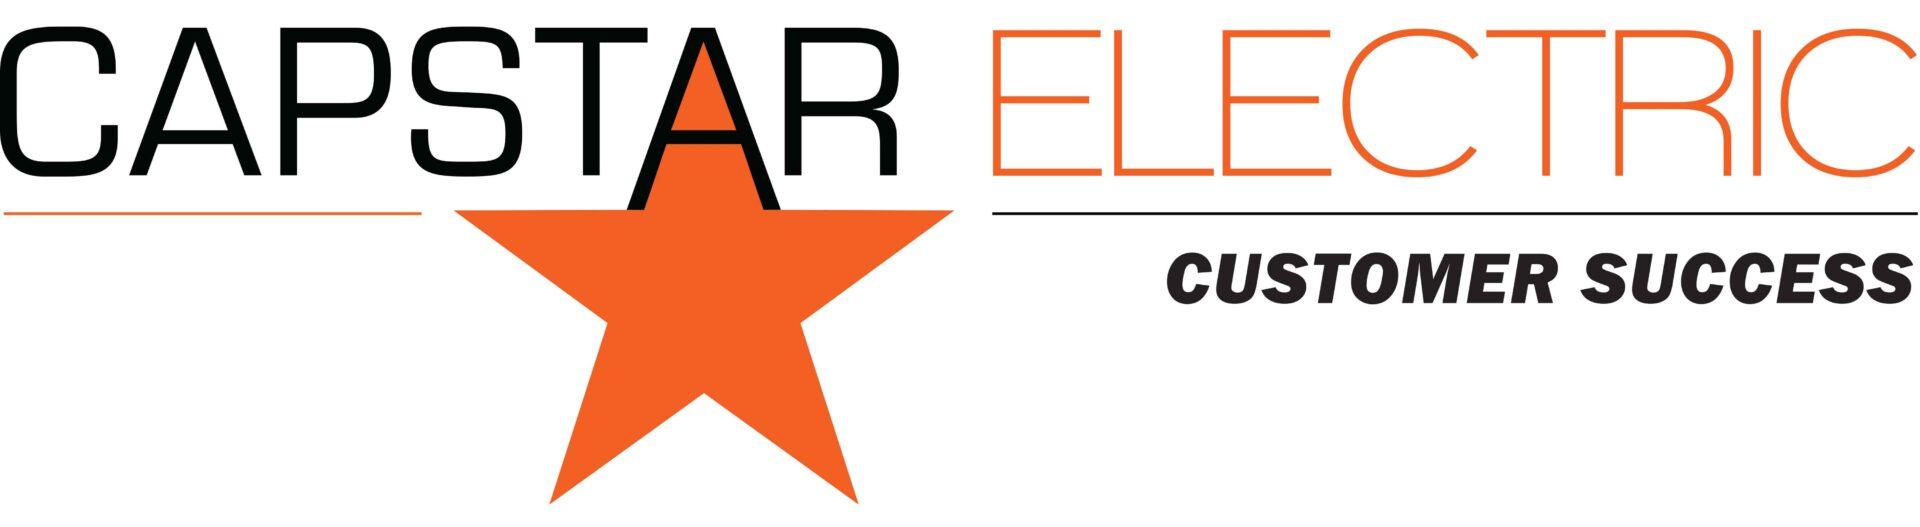 Capster-Logo-FINAL